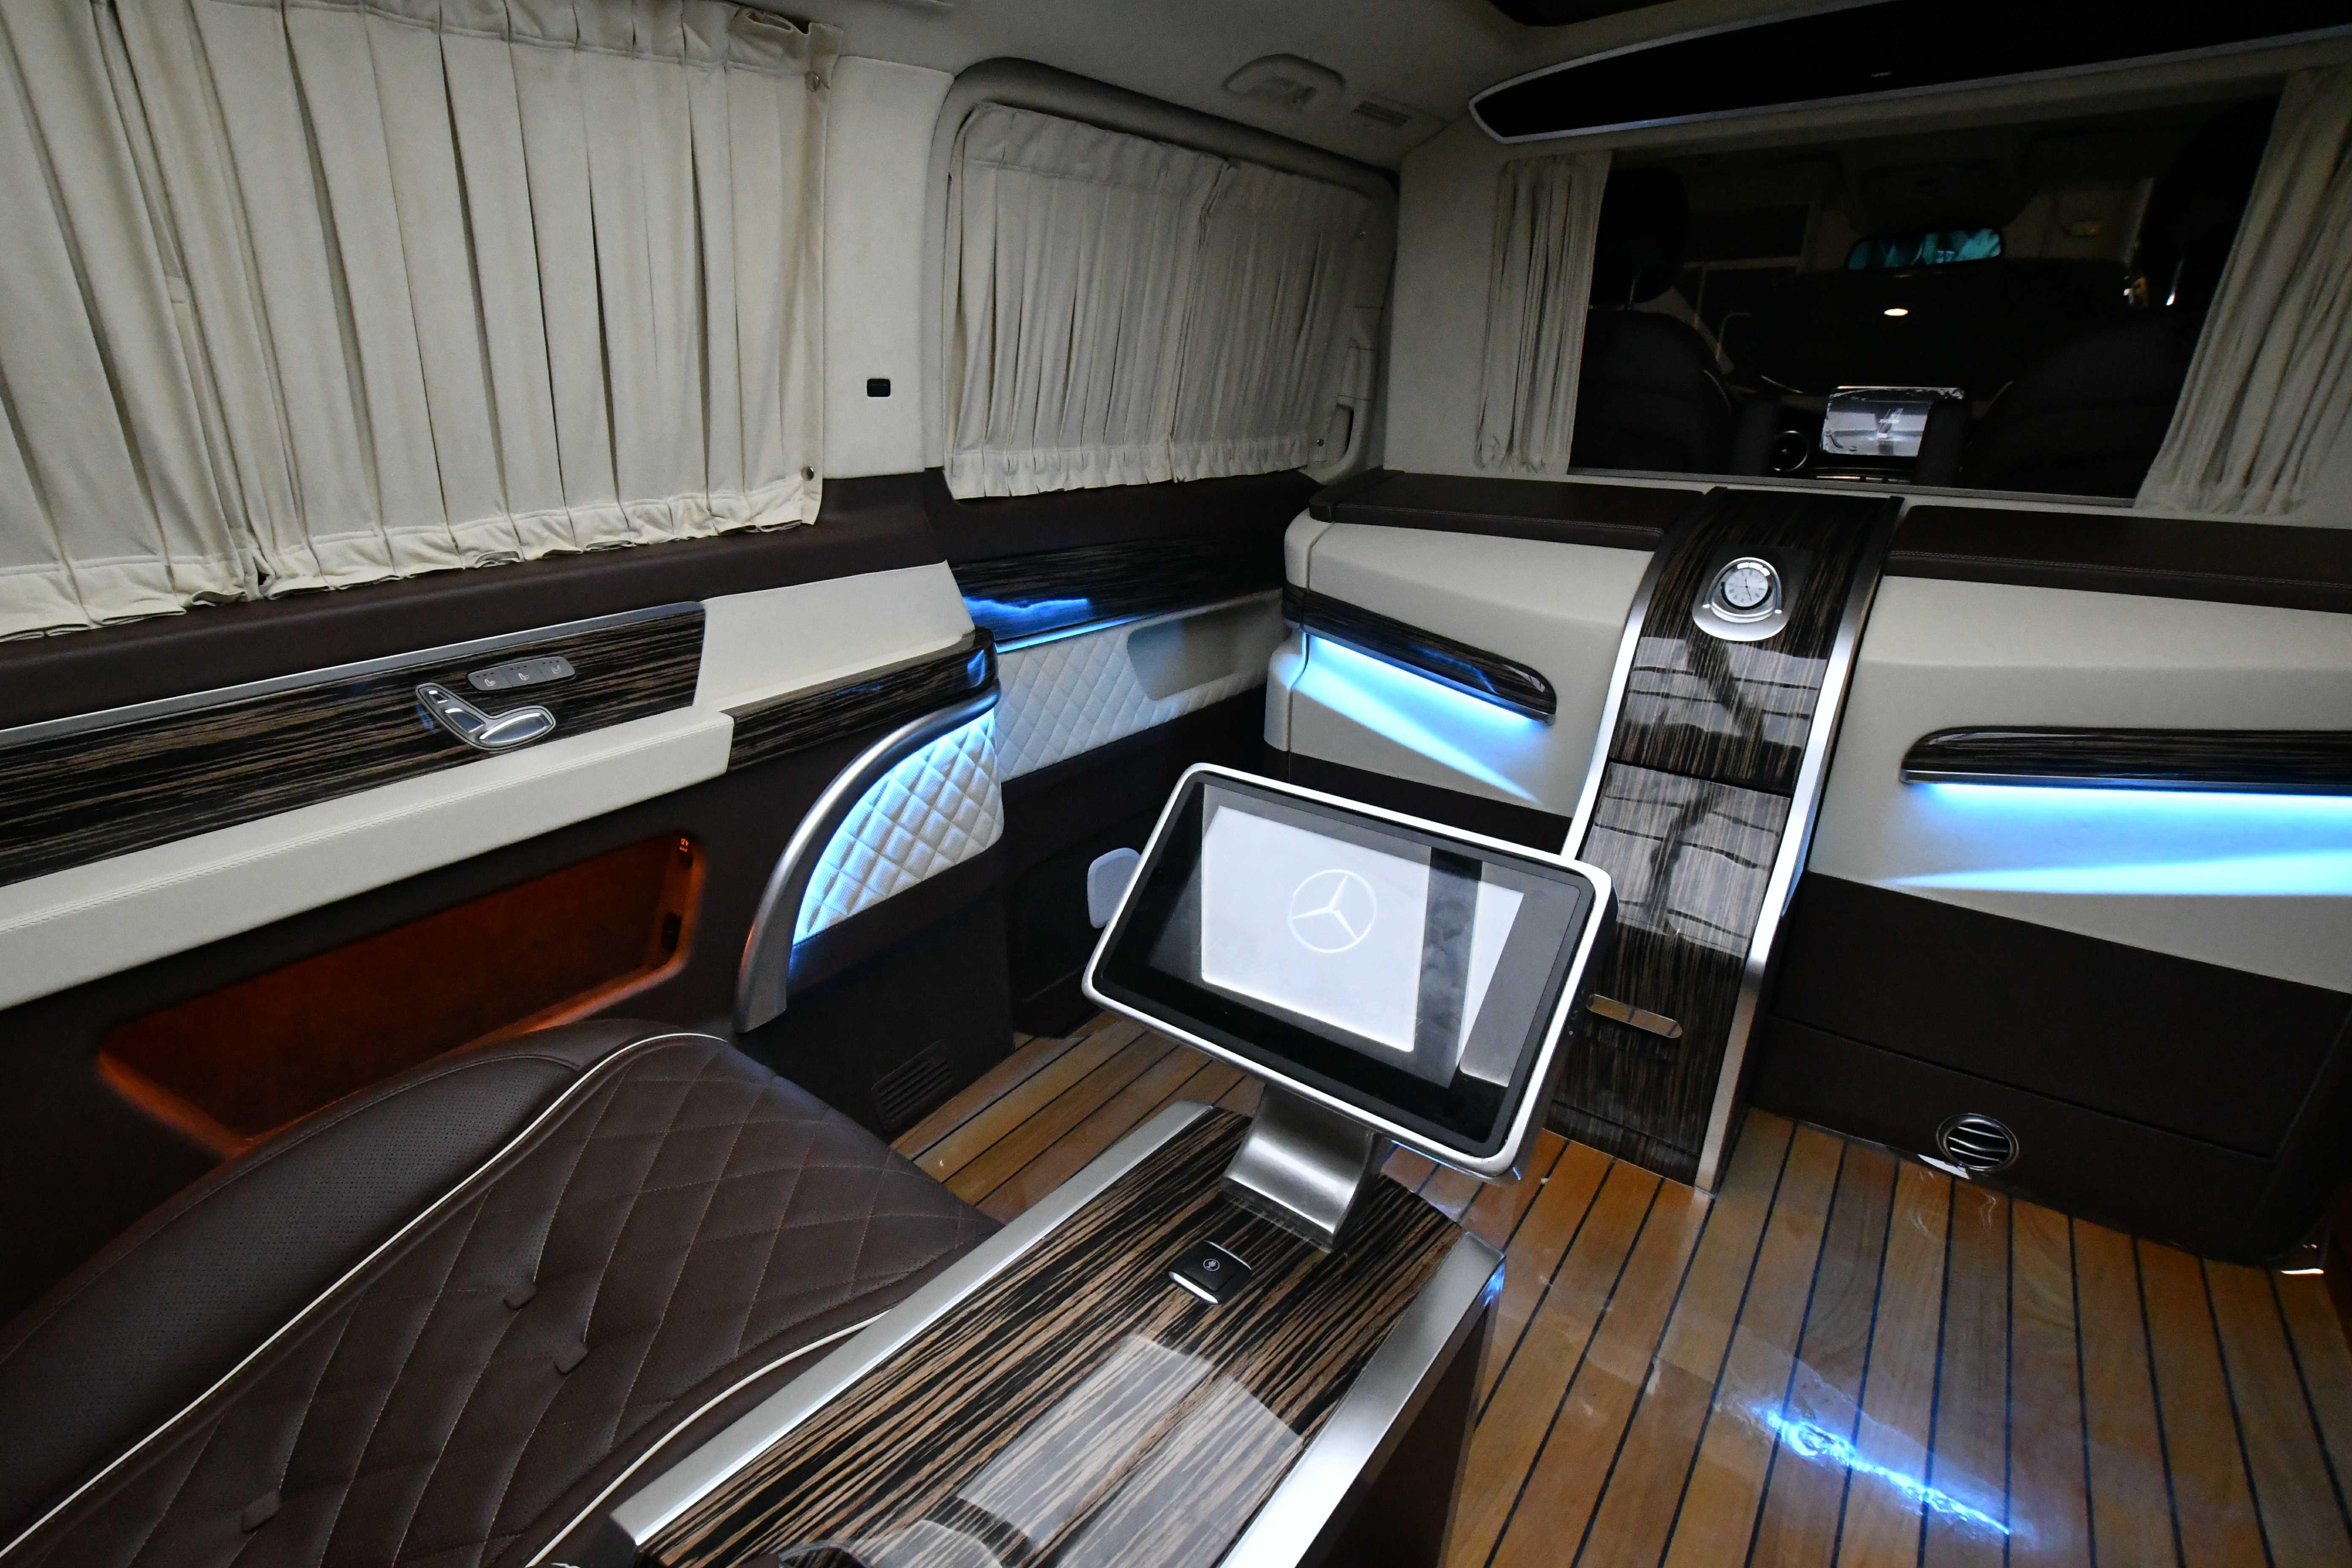 【宁波奔驰房车】新款V-class商务车4+2迈巴赫总裁版 宁波奔驰商务车